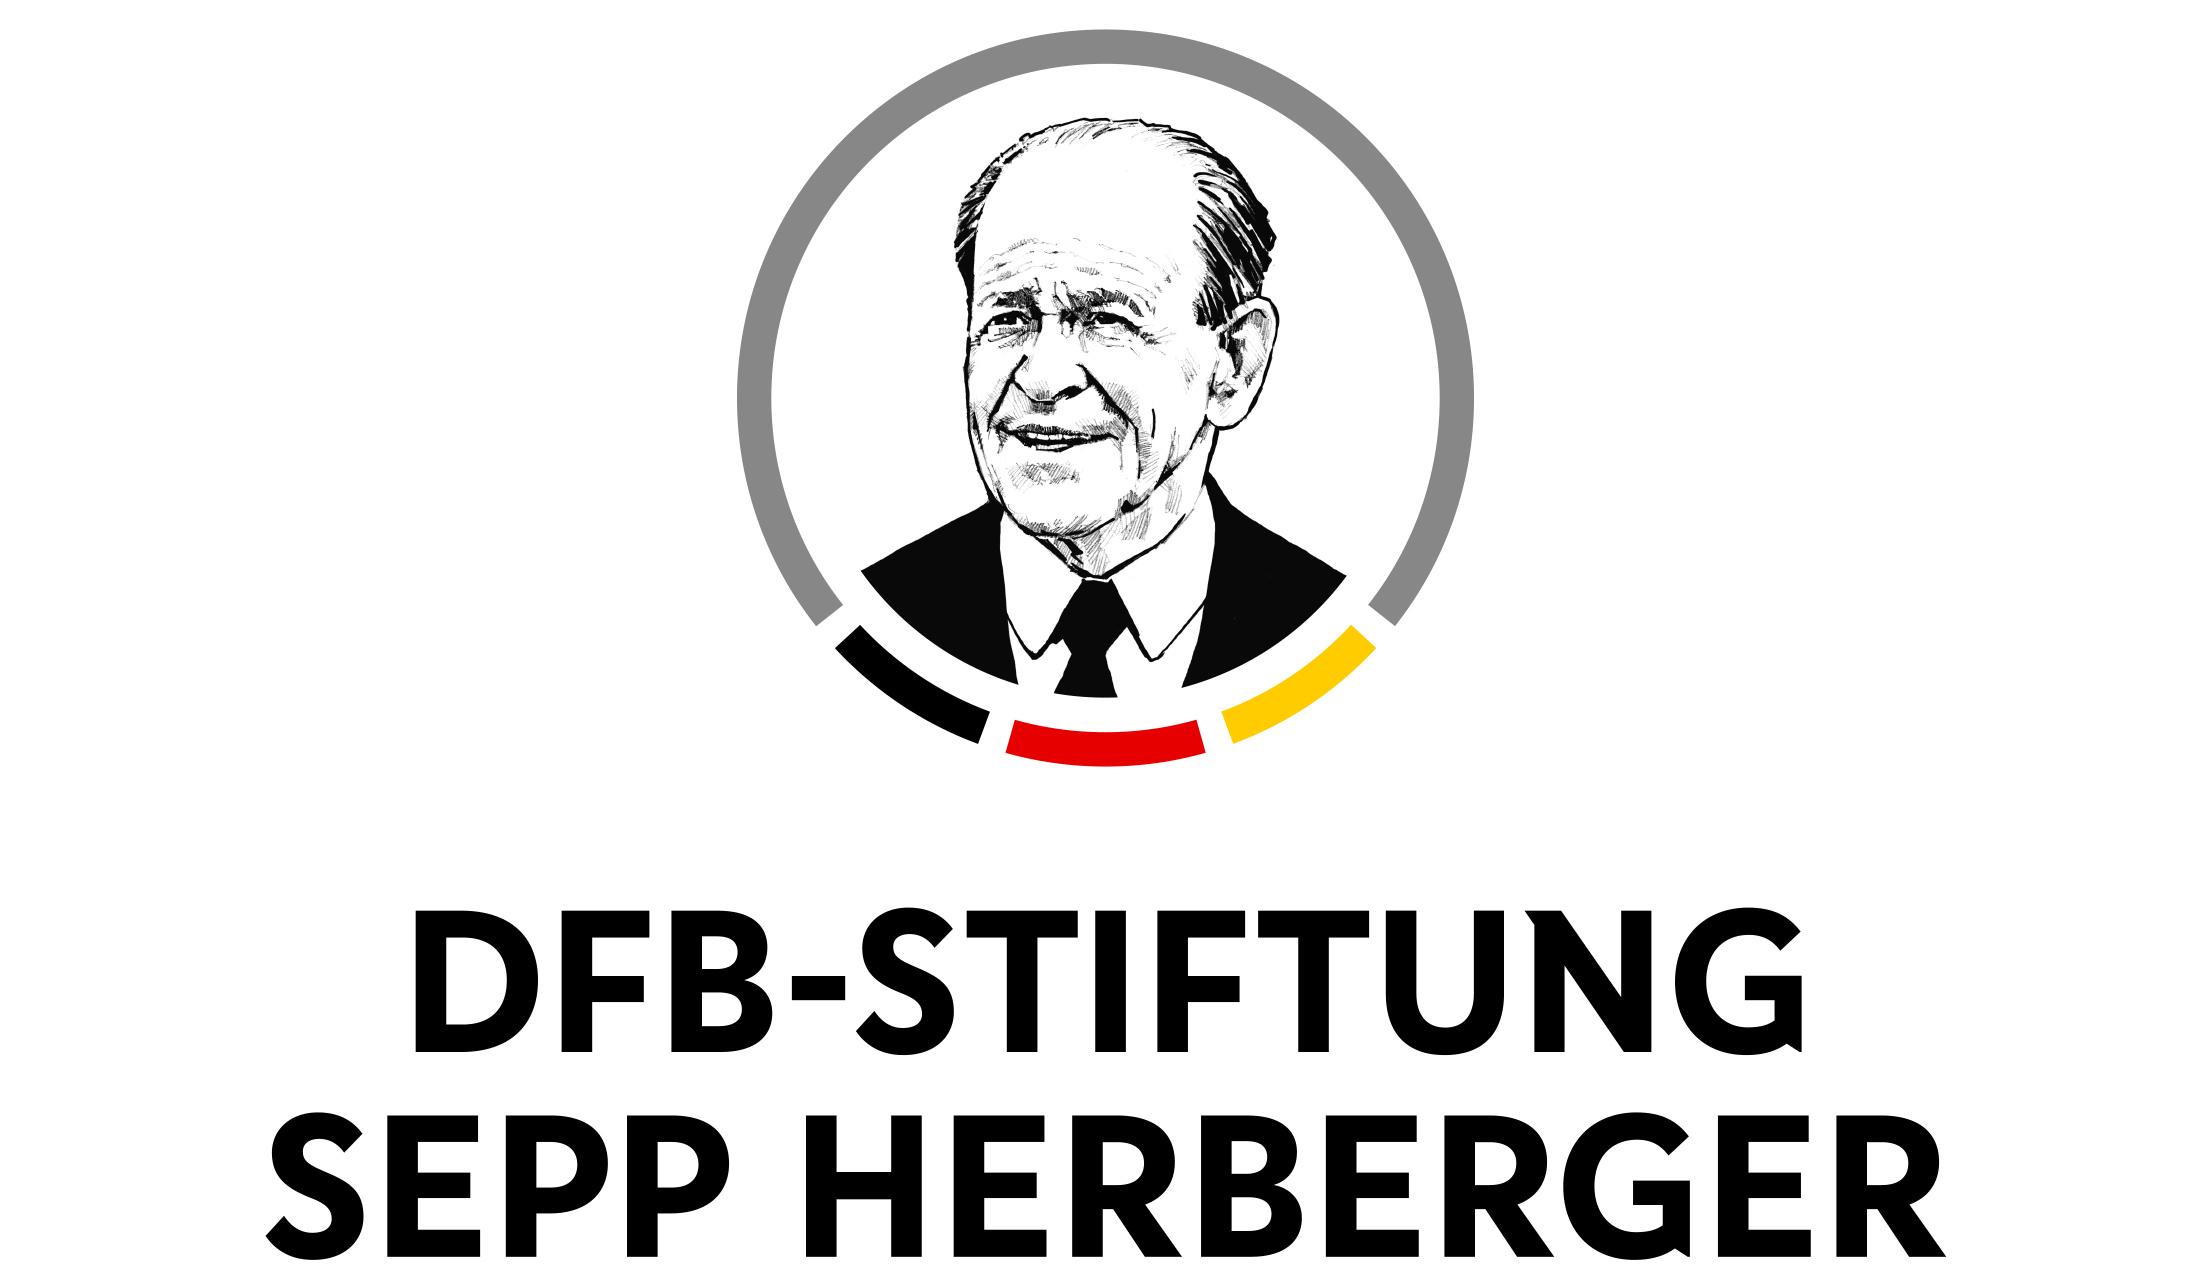 DFB-Stiftung Sepp Herberger